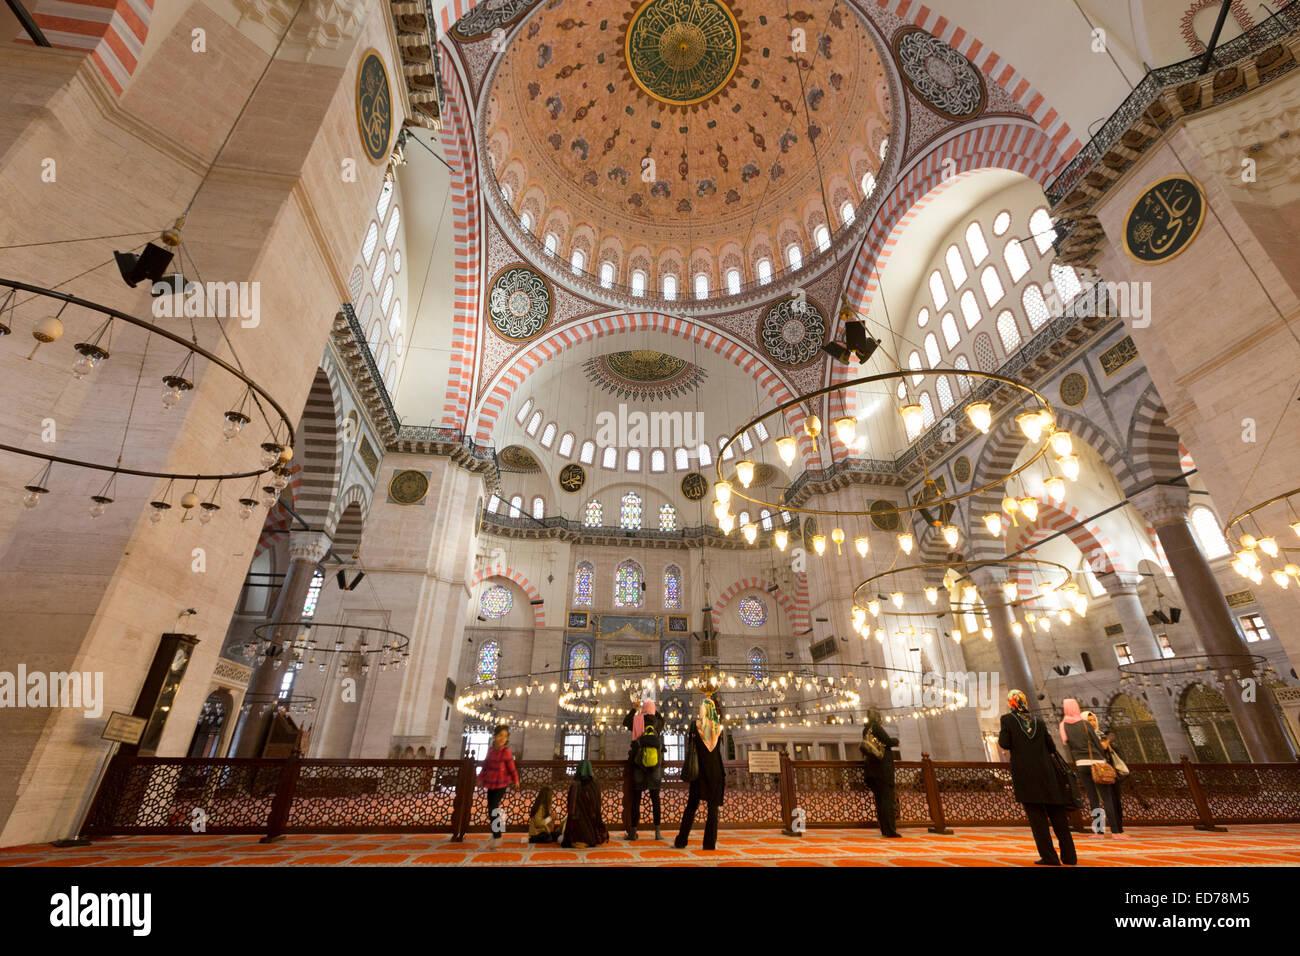 Los turistas usando pañuelos en el interior de la Mezquita Suleymaniye en Estambul, República de Turquía Imagen De Stock